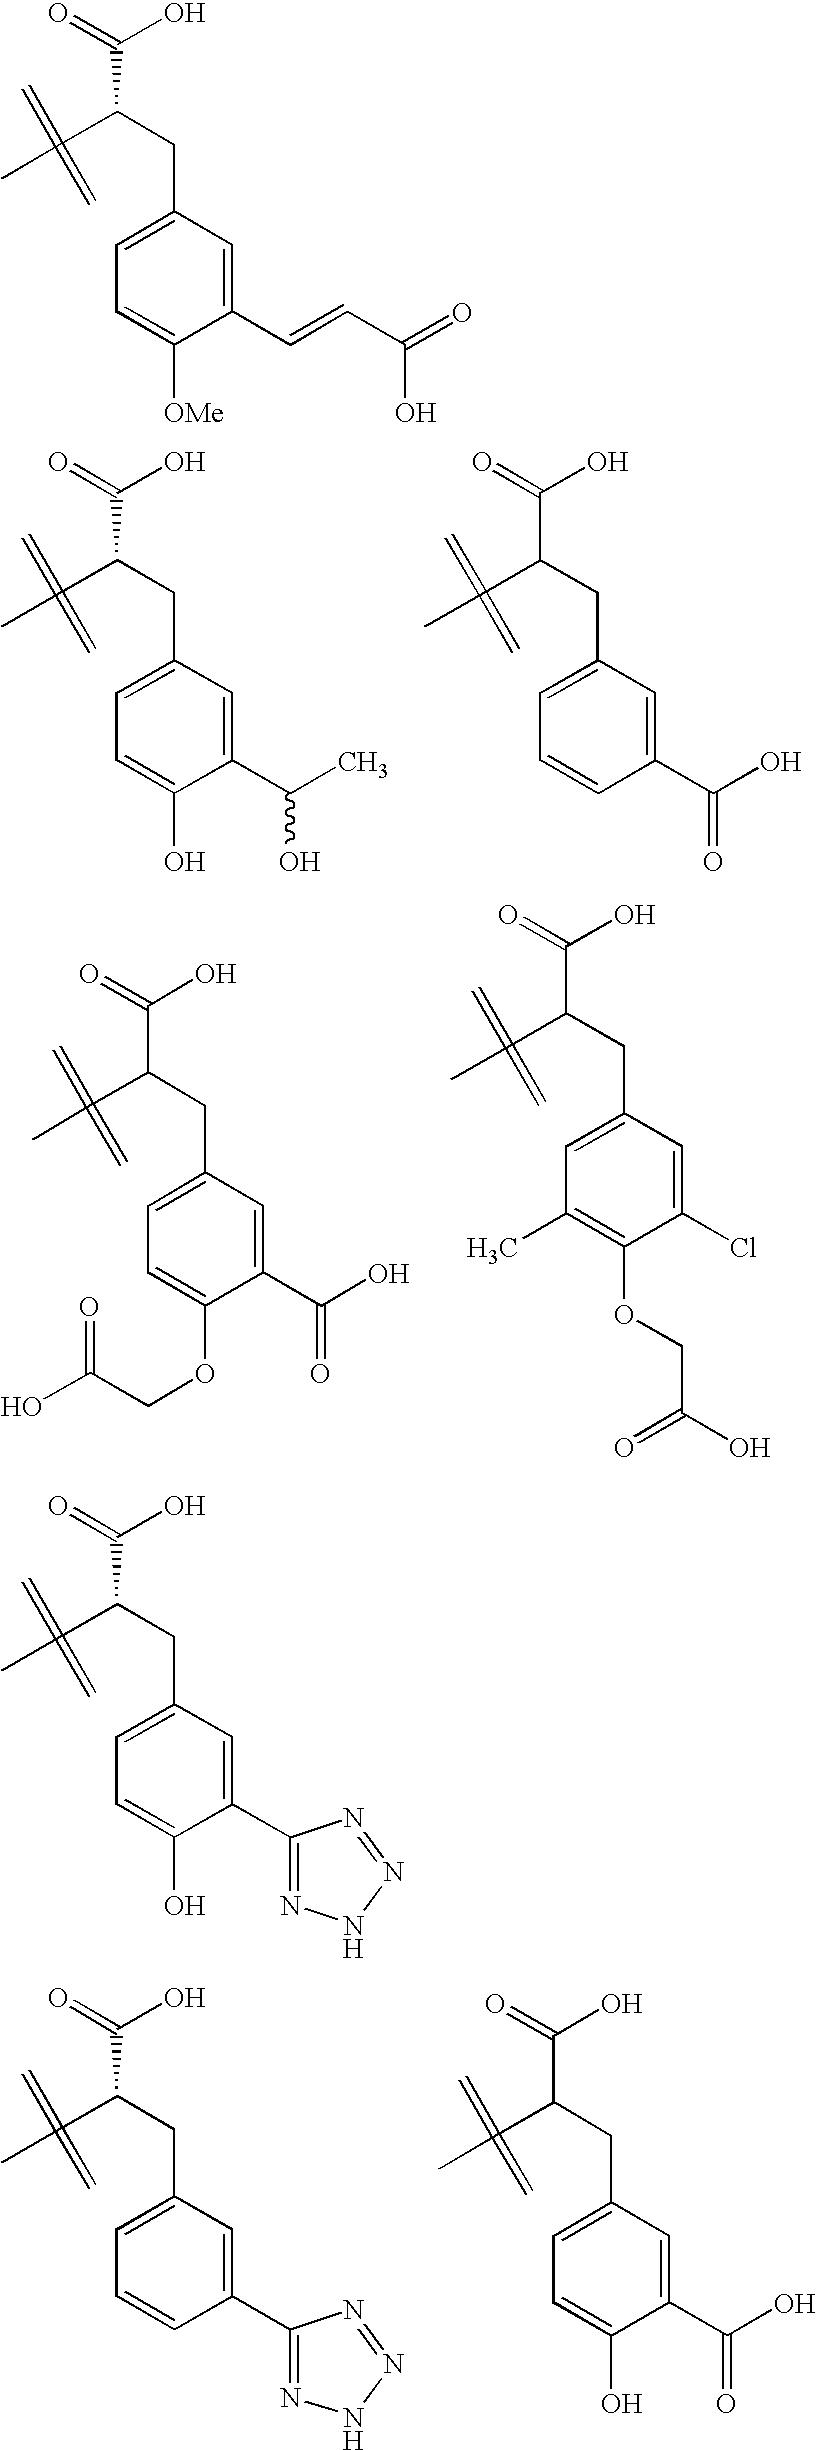 Figure US20070049593A1-20070301-C00132